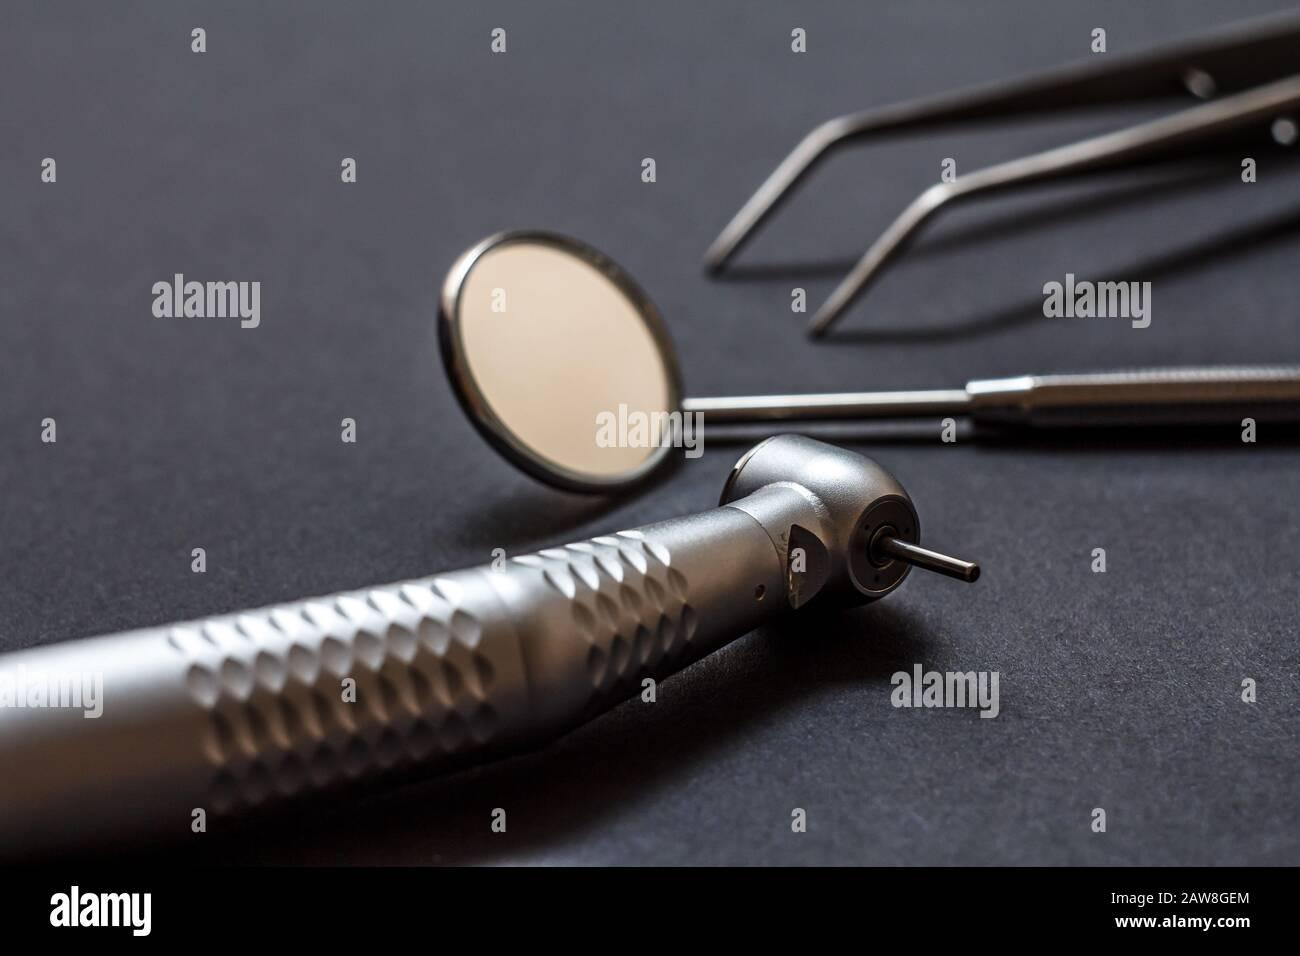 Conjunto de instrumentos dentales metálicos para el tratamiento dental. Pieza dental de alta velocidad, espejo dental y pinzas sobre fondo negro. Herramientas médicas. Shal Foto de stock